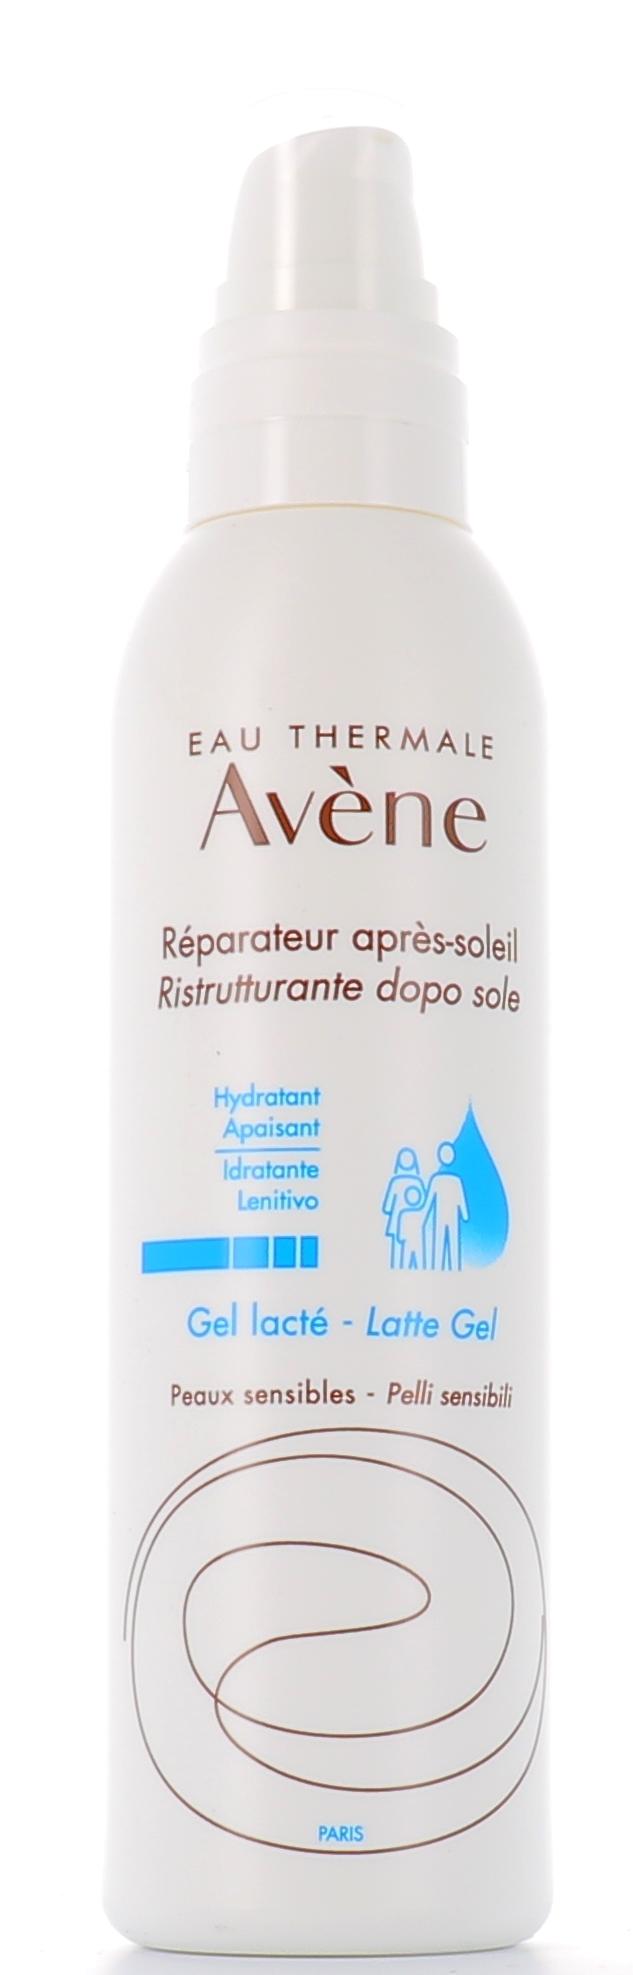 AVENE (Pierre Fabre It. SpA) Avene Solare Ristrutturante Dopo Sole 200ml